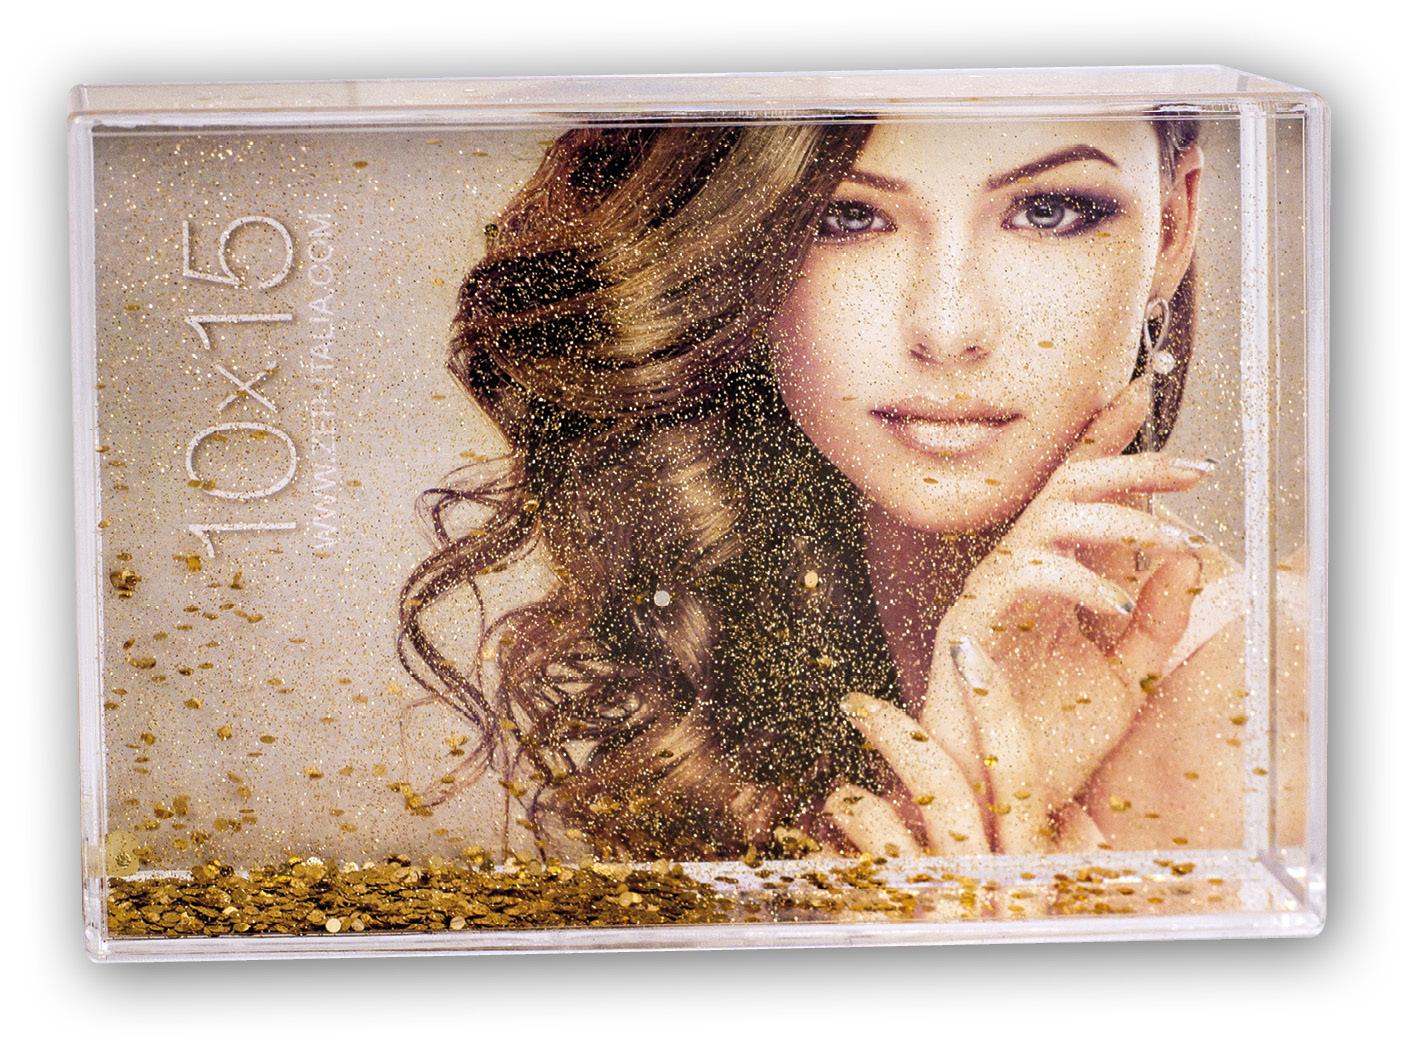 fotoh-fotografia_tienda-de-fotos-en-oliva_estudio-fotografico_marcos-y-albumes-en-oliva-2